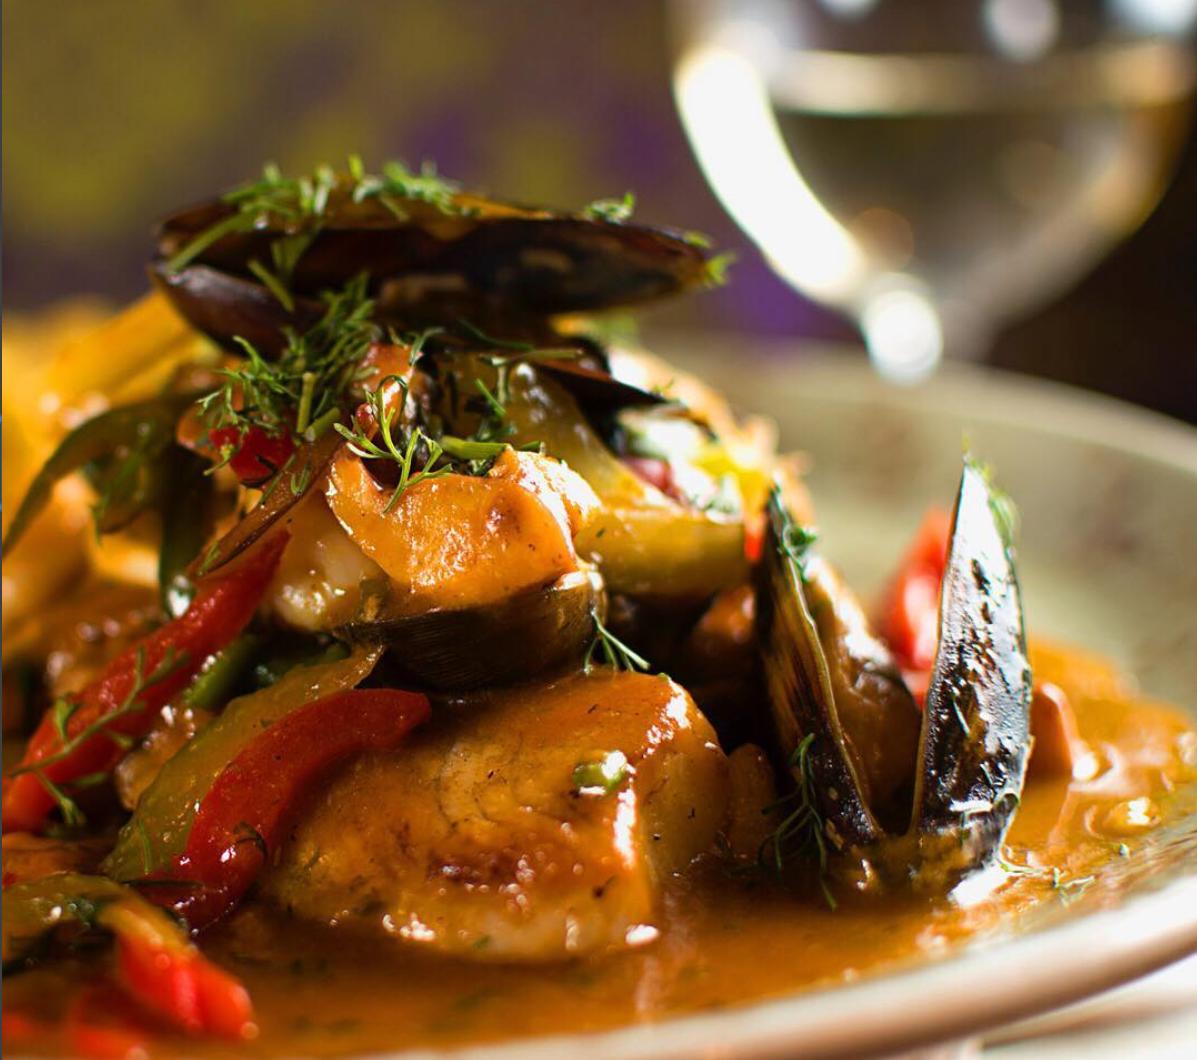 Photo credit: El Santisimo Restaurant